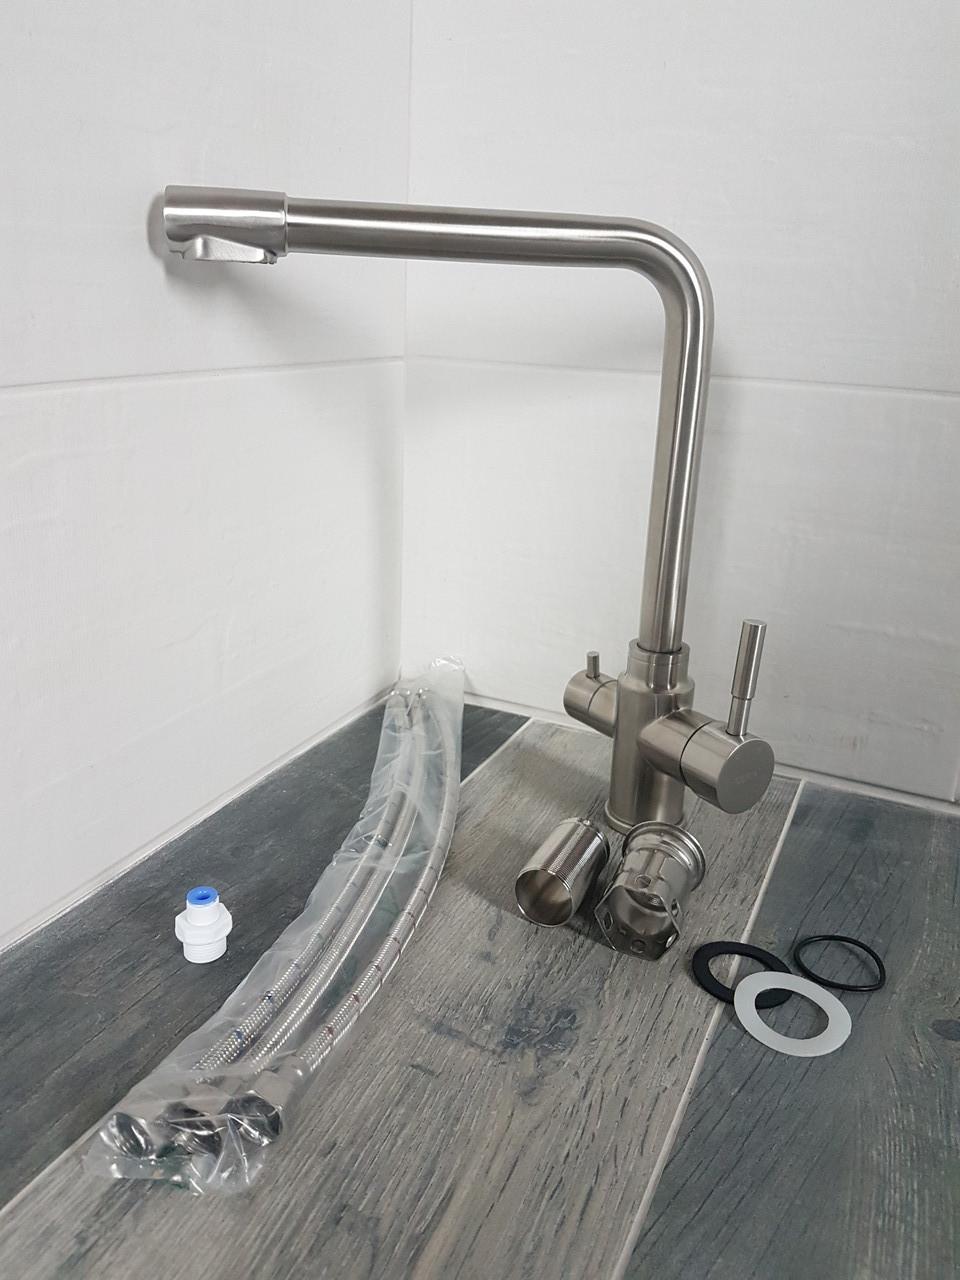 Смеситель для кухни с подключением фильтрованной воды Duo Flow Steel lux